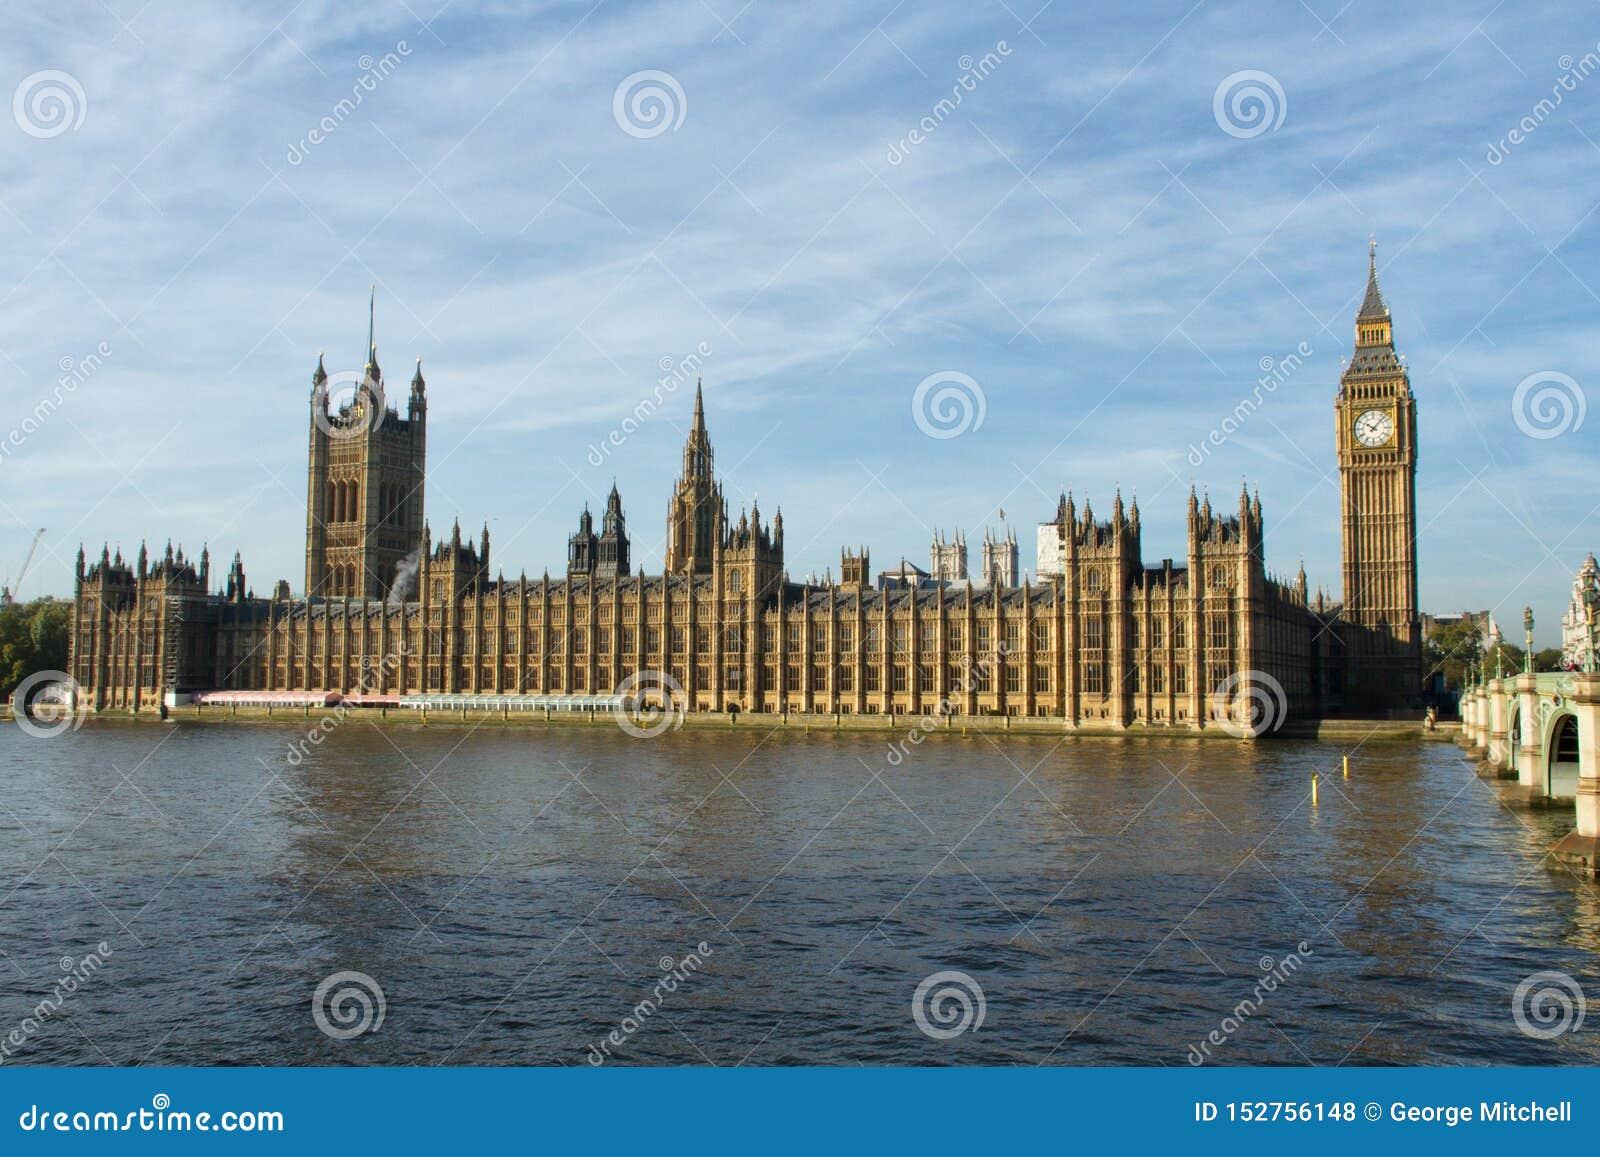 Άποψη των Βουλών του Κοινοβουλίου από τη νότια πλευρά του ποταμού Τάμεσης